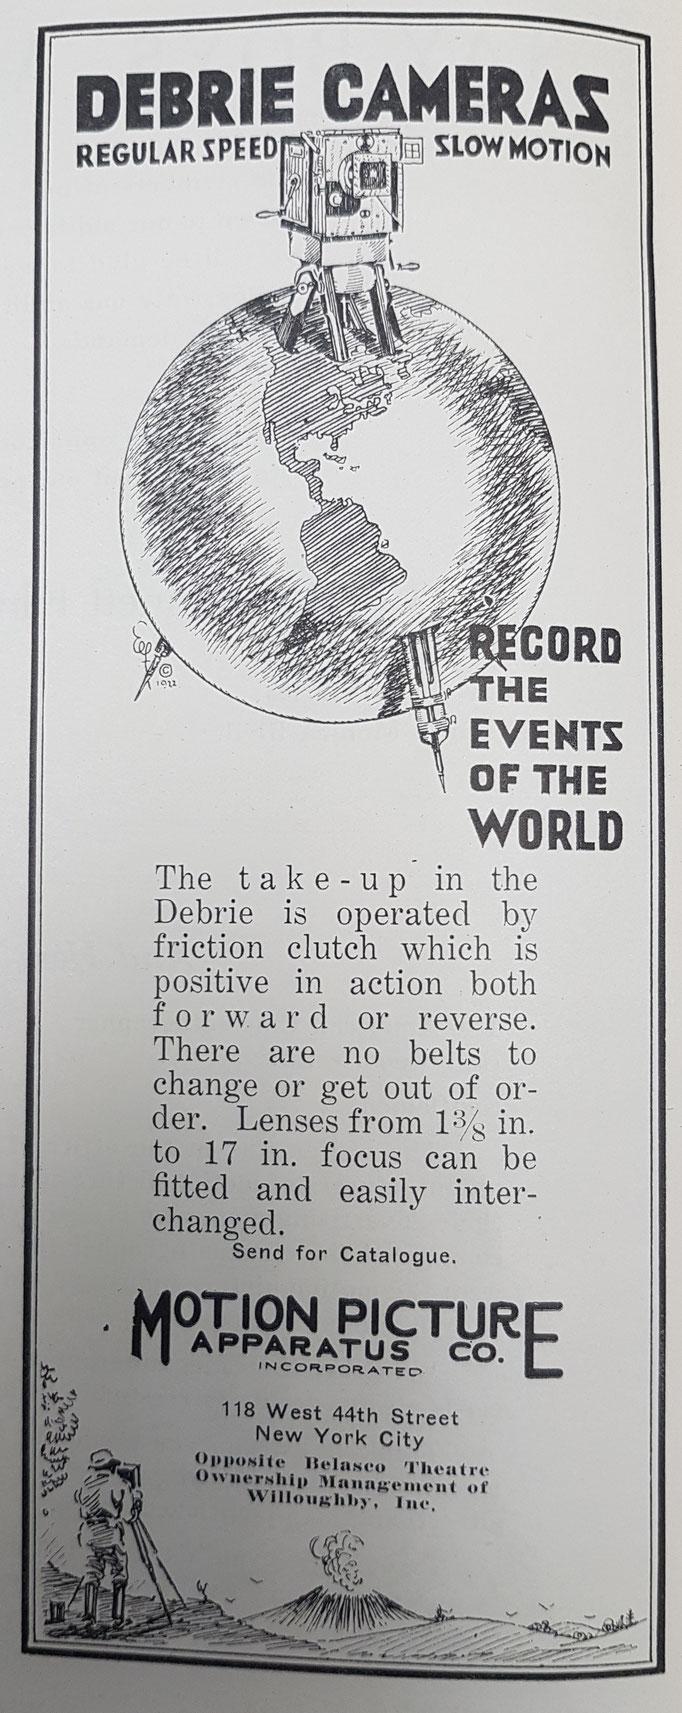 Die seinerzeit führende europäische Kamera - die Debrie - wurde bereits 1923 im AC beworben. Die Gebrüder Debrie hatten ihre Firma 1906 gegründet und mit der Parvo Serie zunächst in Holz und später auch in Metall den europäischen Standard gesetzt.